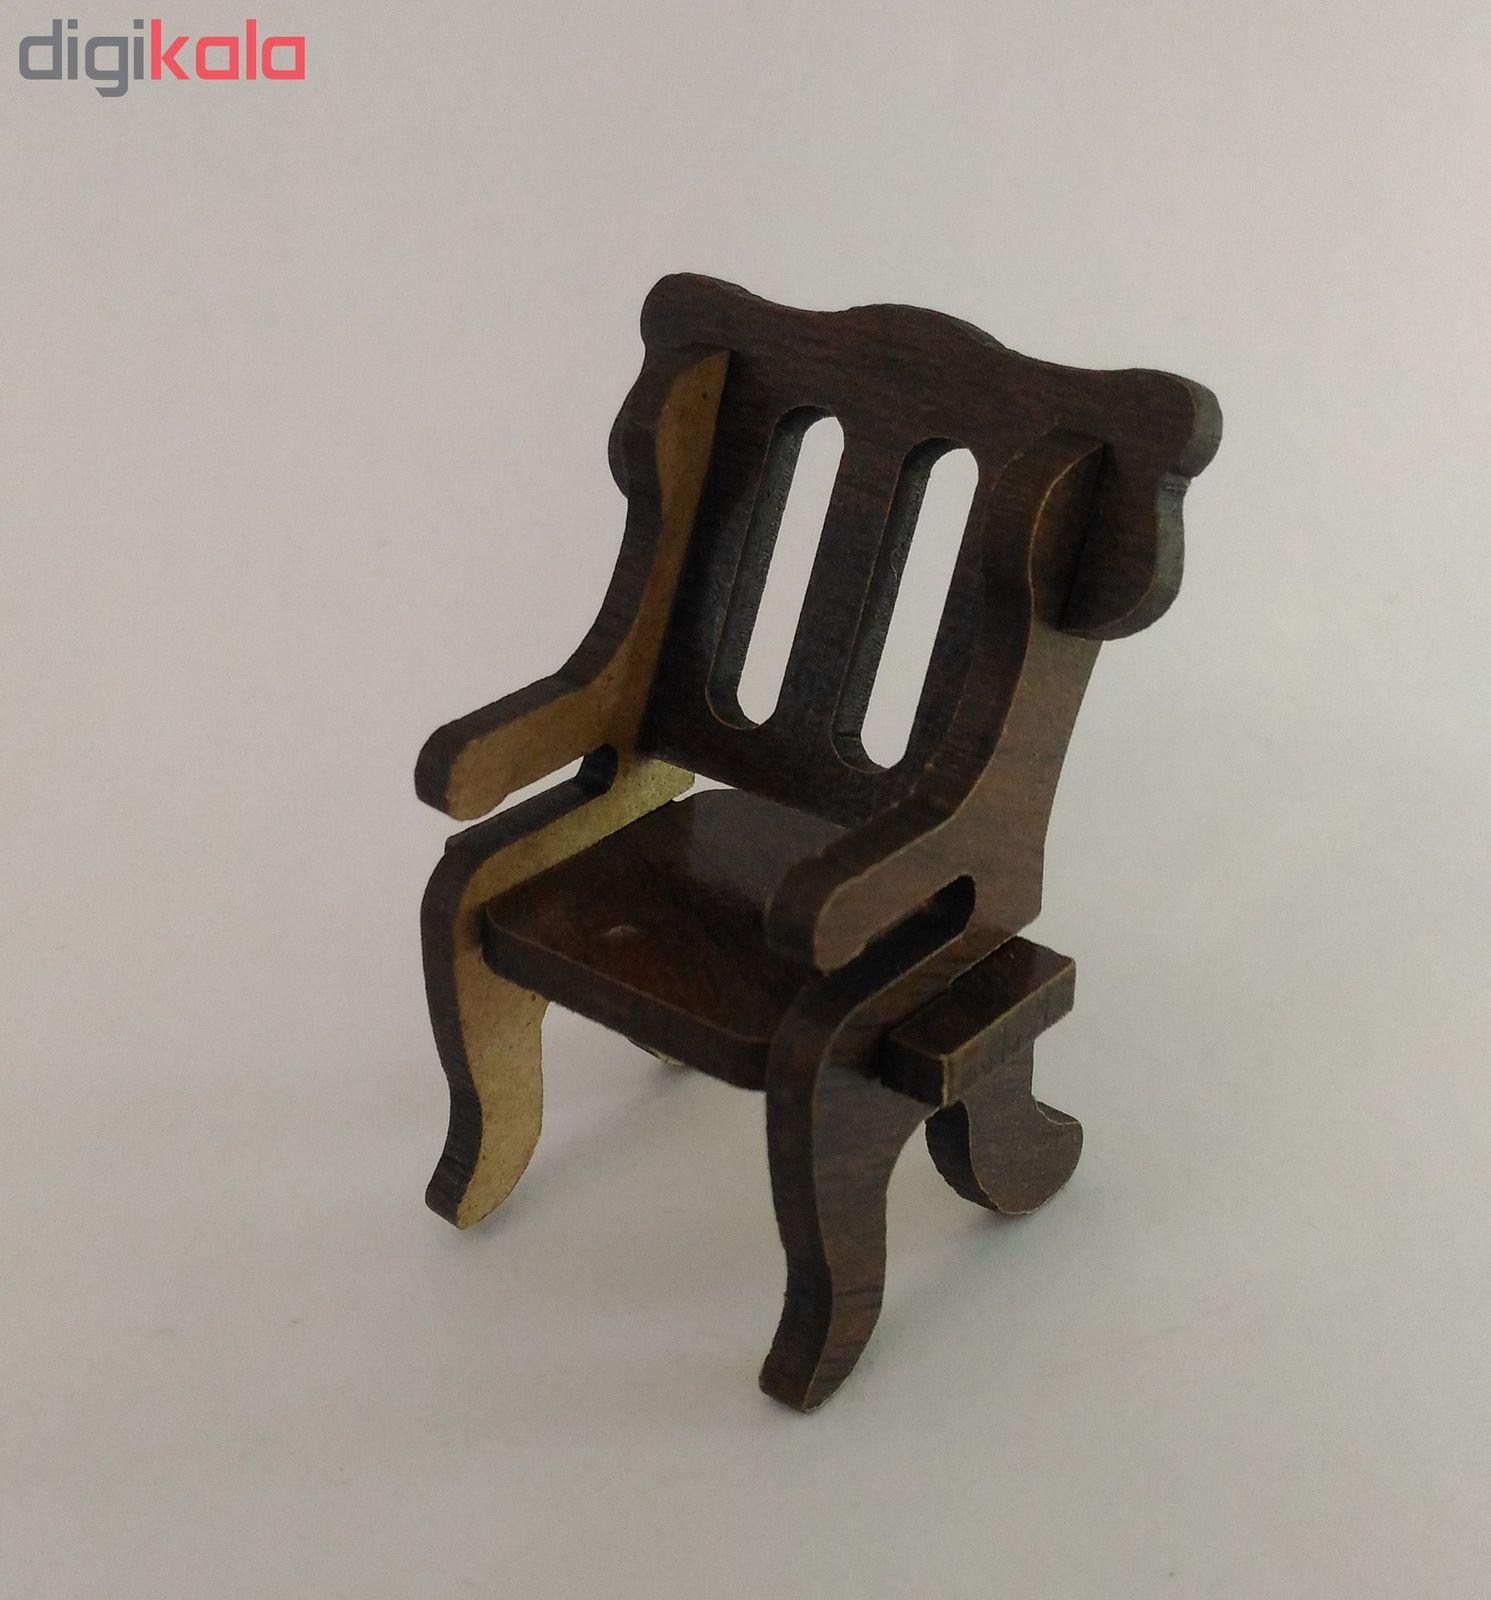 ماکت دکوری طرح صندلی کد ck024